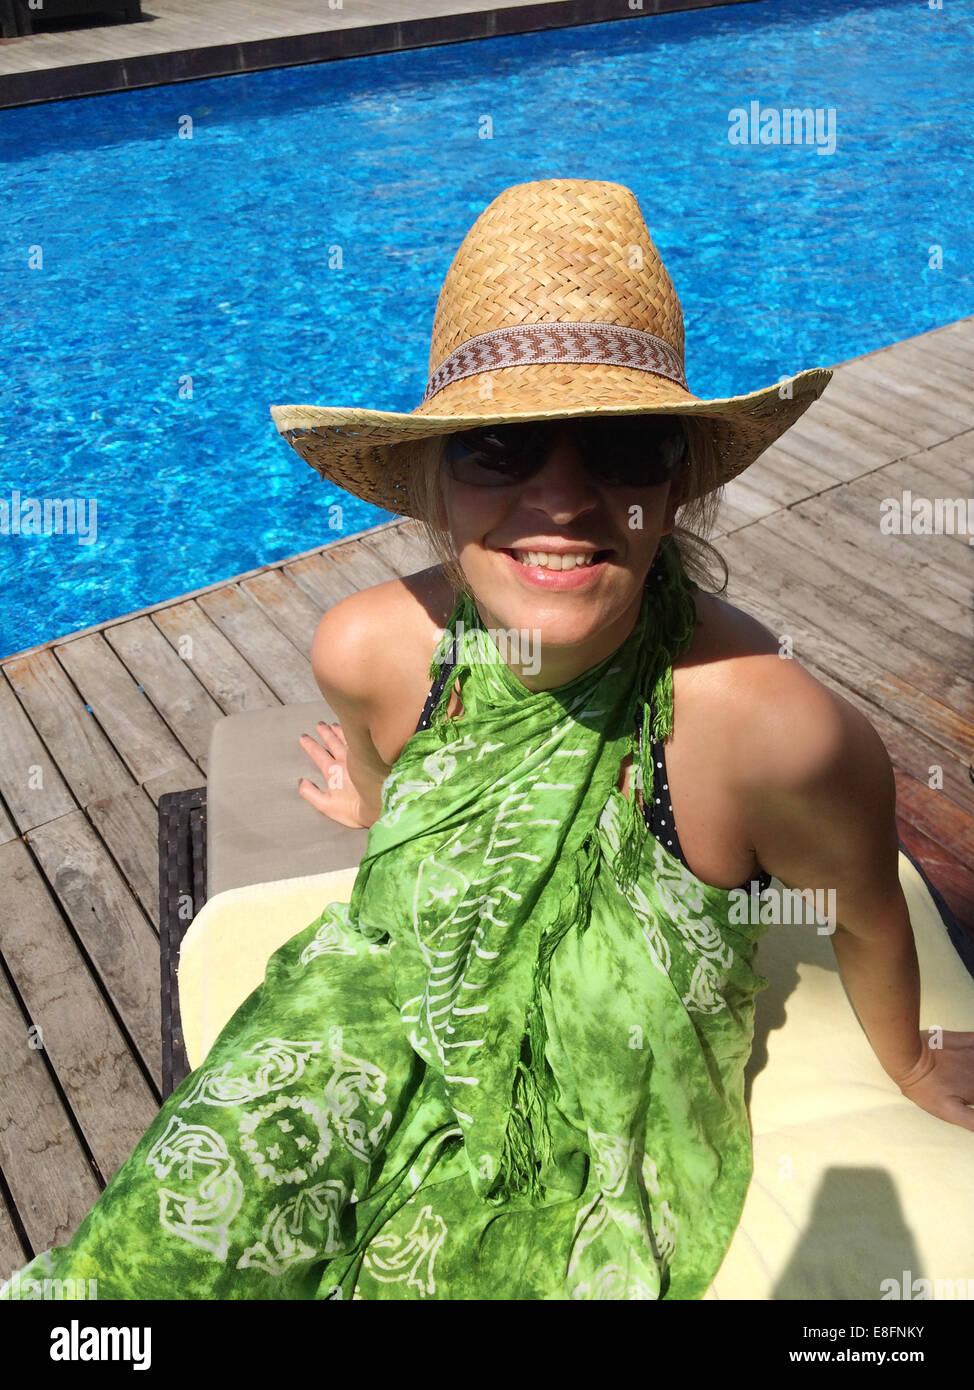 Donna sorridente seduto sulla sedia a sdraio da piscina Immagini Stock